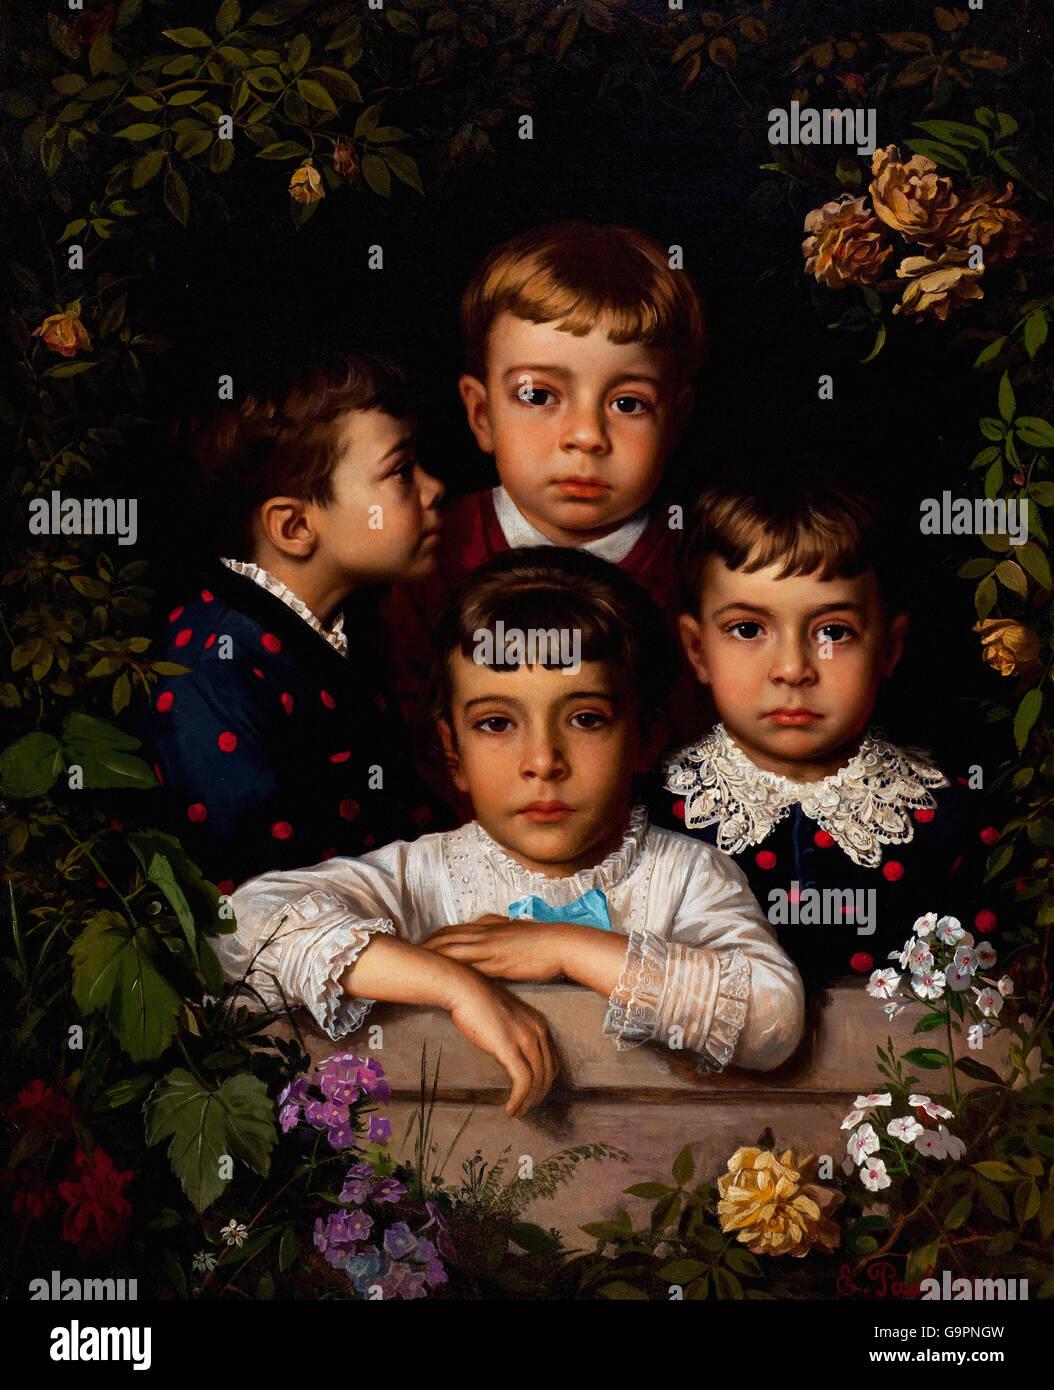 Karl Ernst Papf - Children - Stock Image